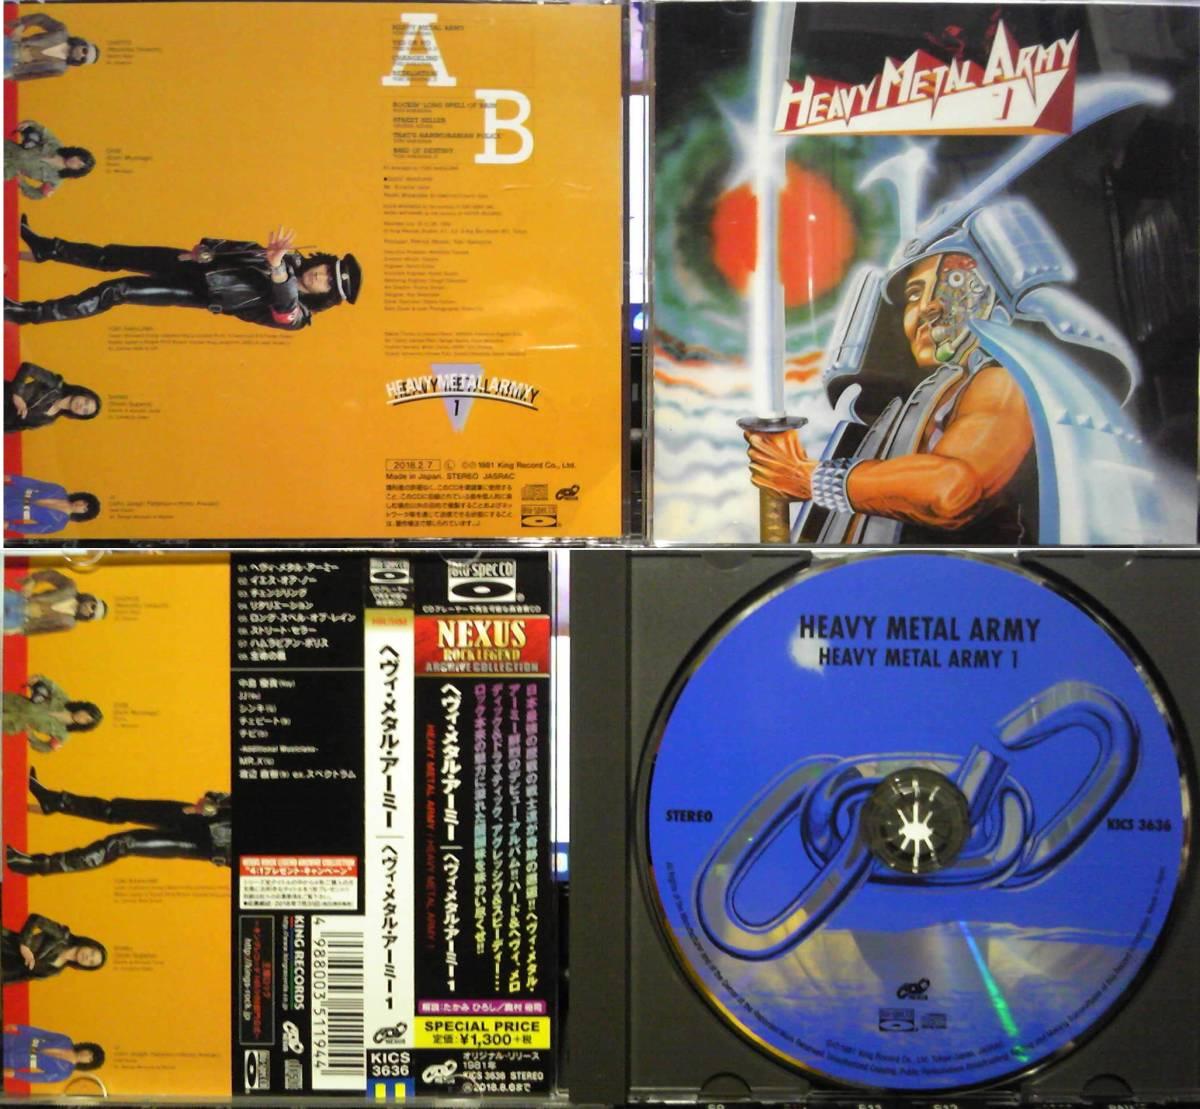 USED 贅沢三昧 [Audio CD] 【送料無料】 アーミー・オブ・ラバーズ